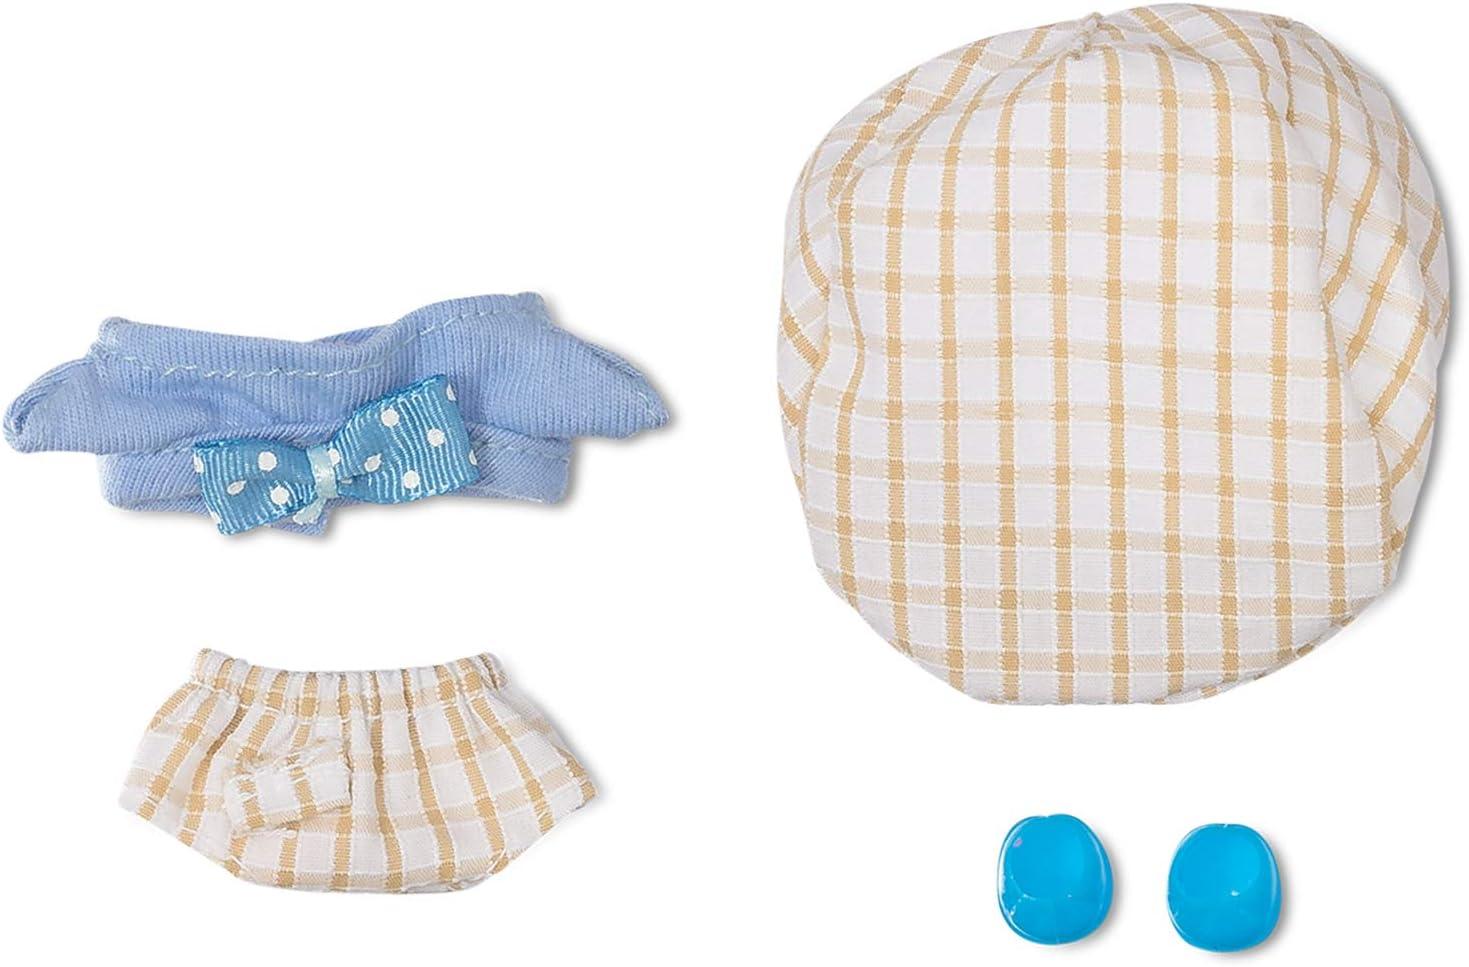 Distroller Neonate Micro Nerlie Mikromerito - Ropa para niño, diseño de cuadros azules con sombrero y zapatos, exclusivo de México